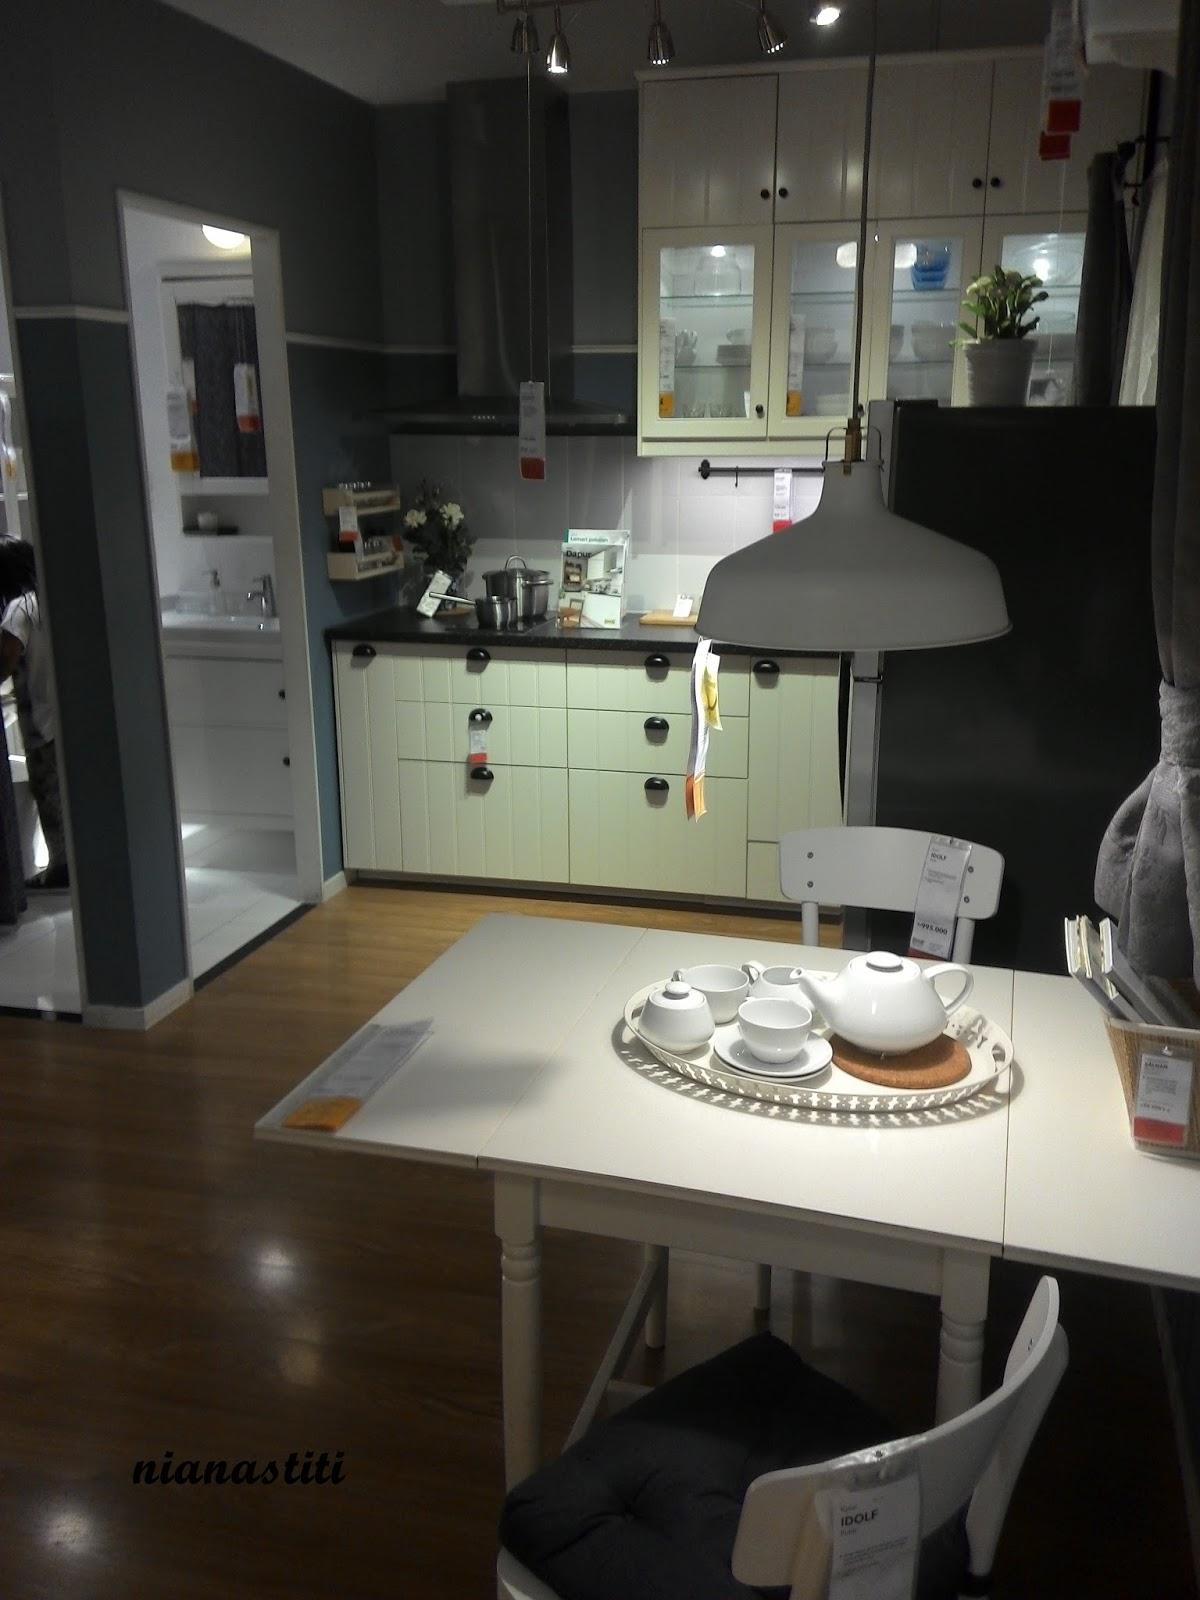 Cari Inspirasi Desain Interior Rumah Di IKEA - LIVING ROOM